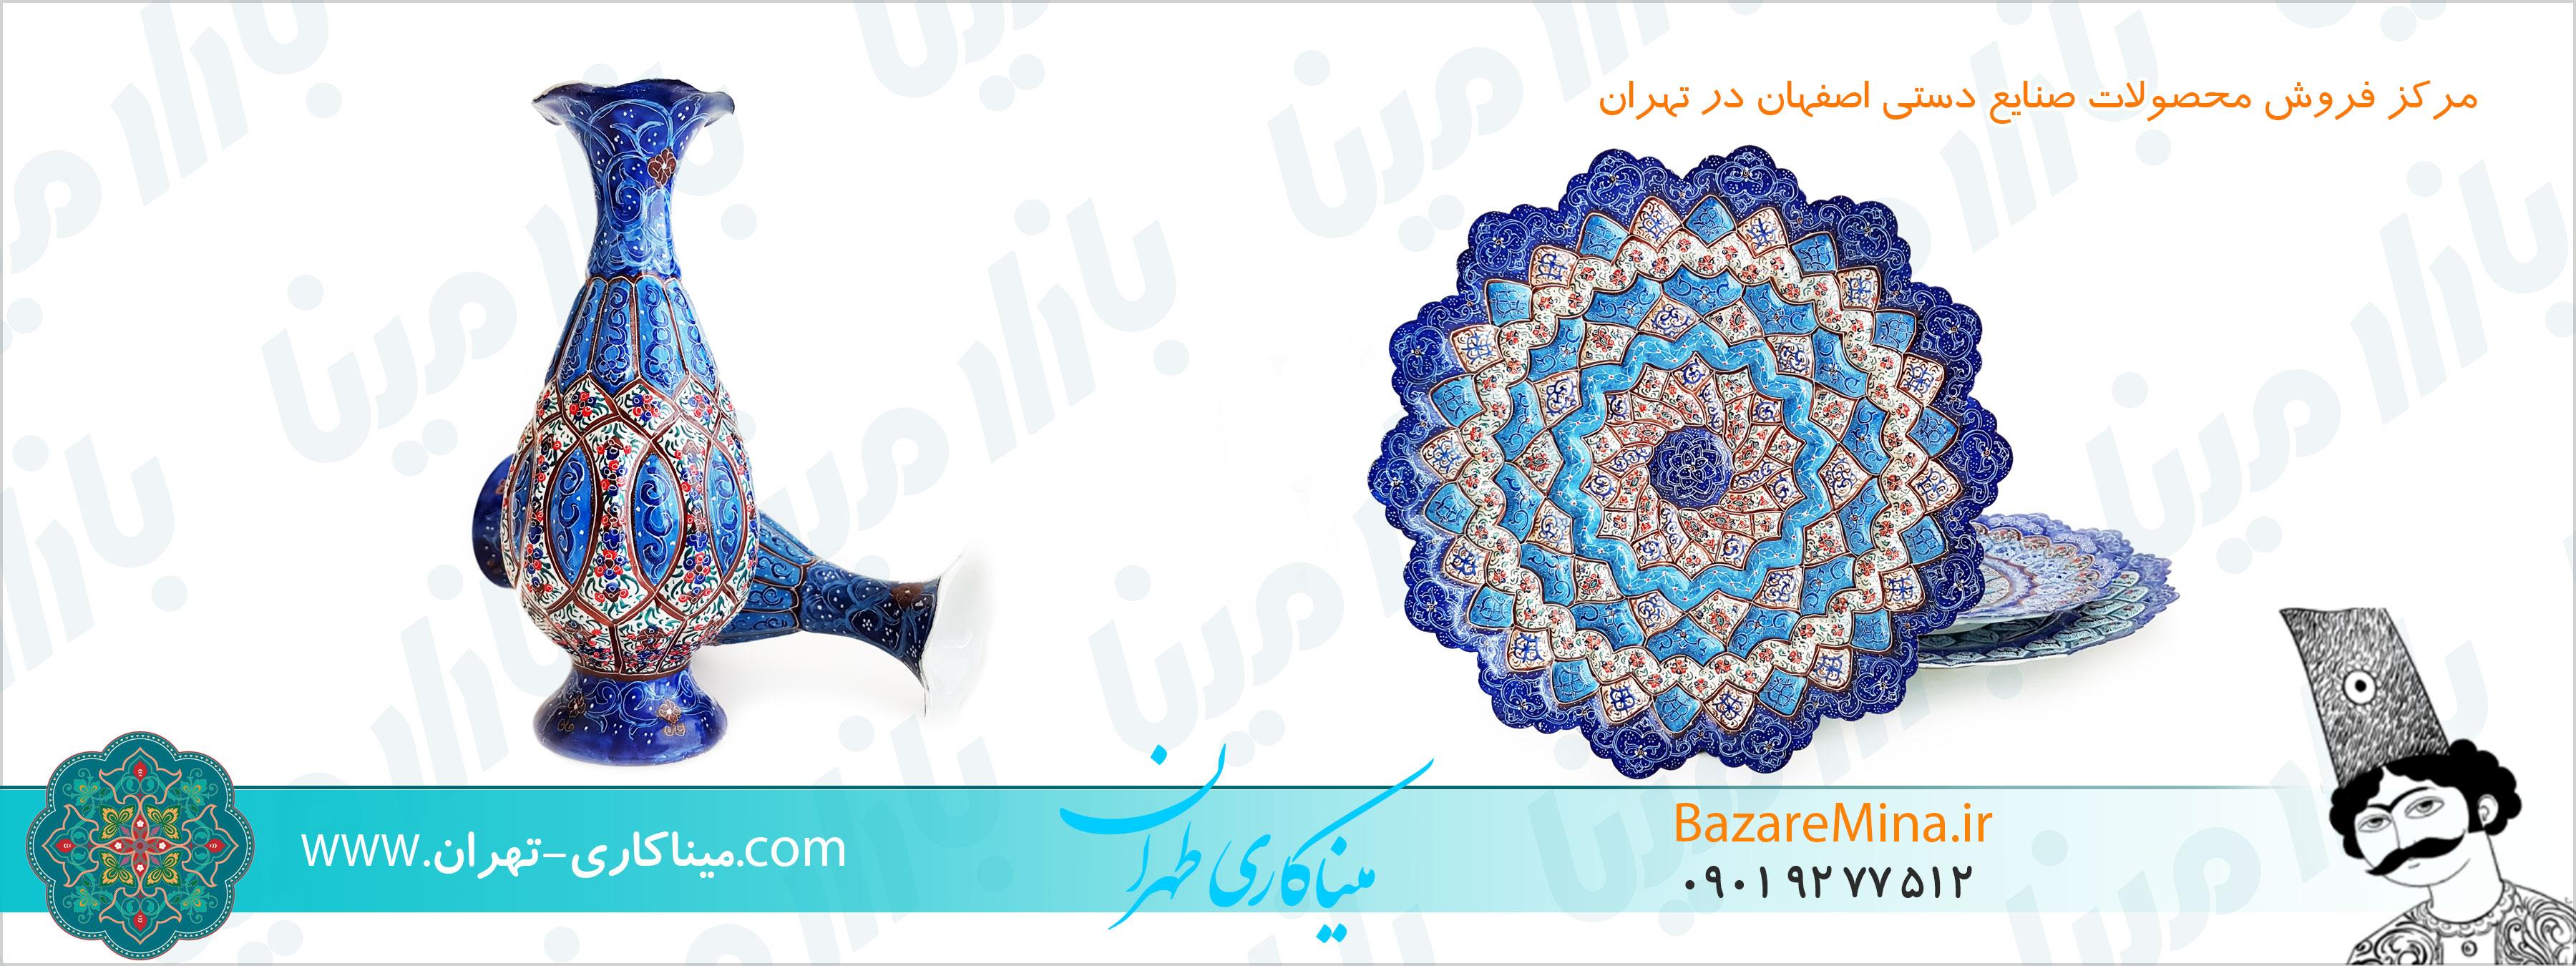 بازار میناکاری تهران